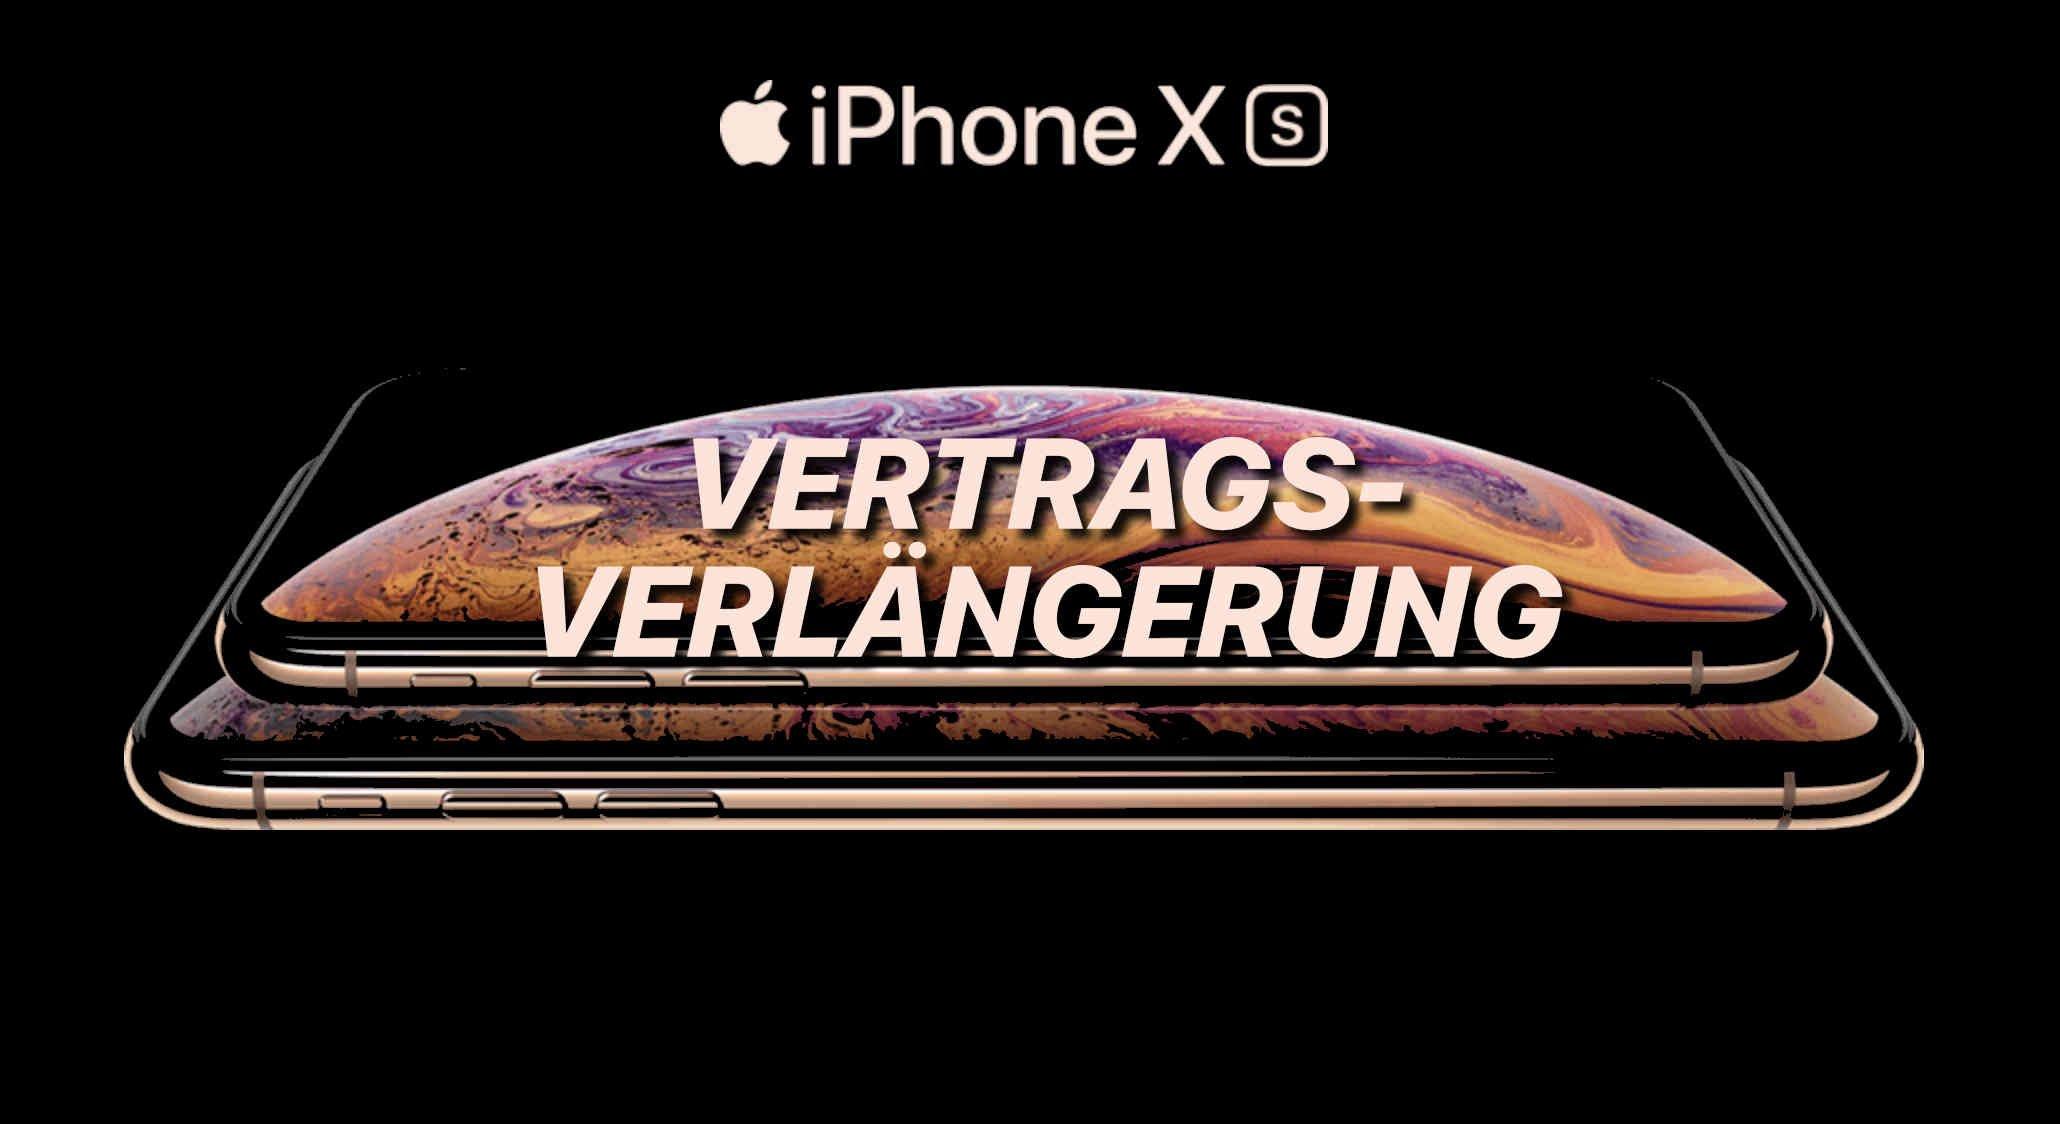 iPhone XS Vertragsverlängerung 1